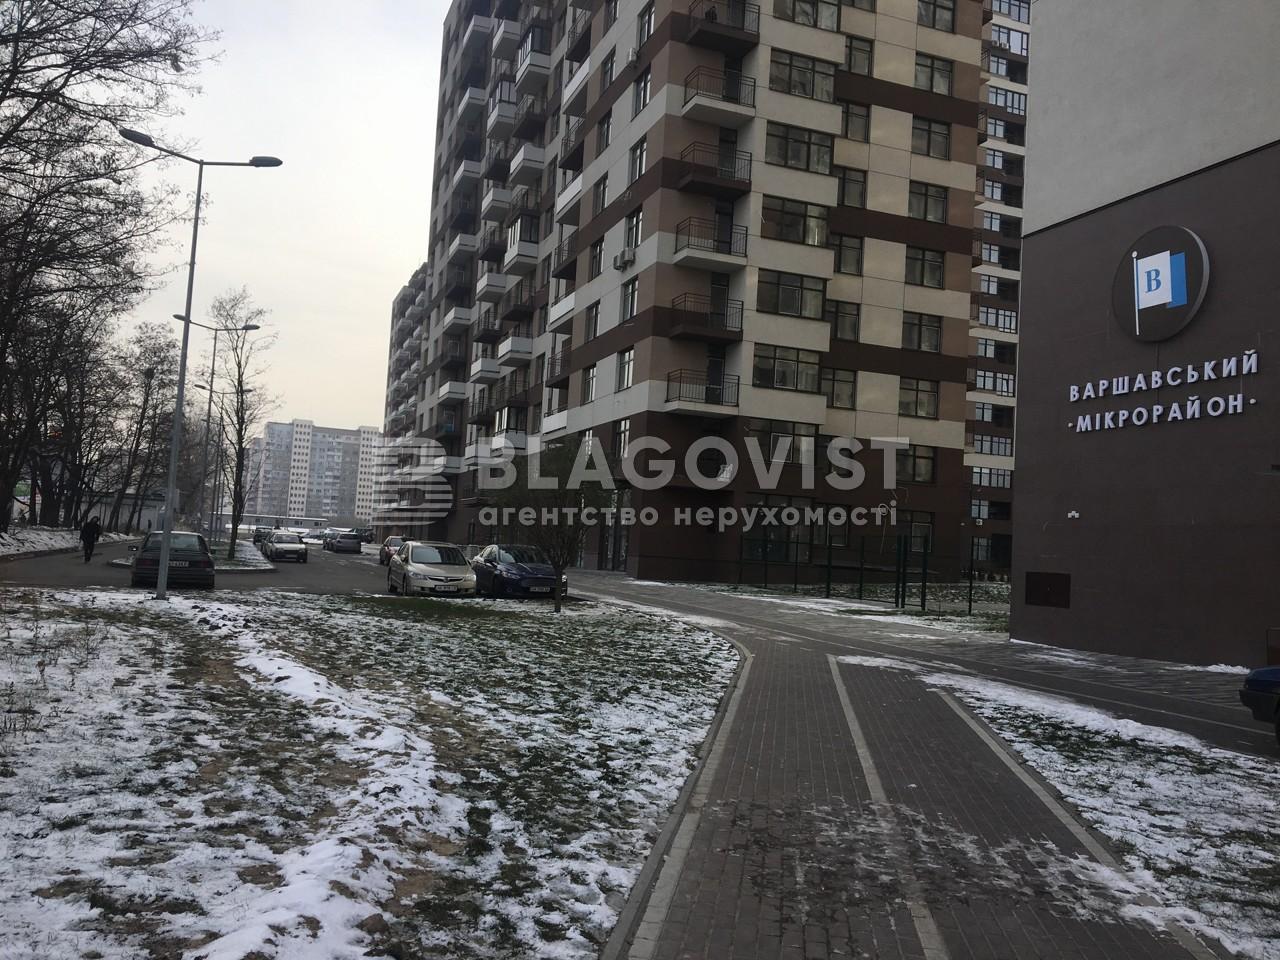 Нежилое помещение, Правды просп., Киев, H-41728 - Фото 4